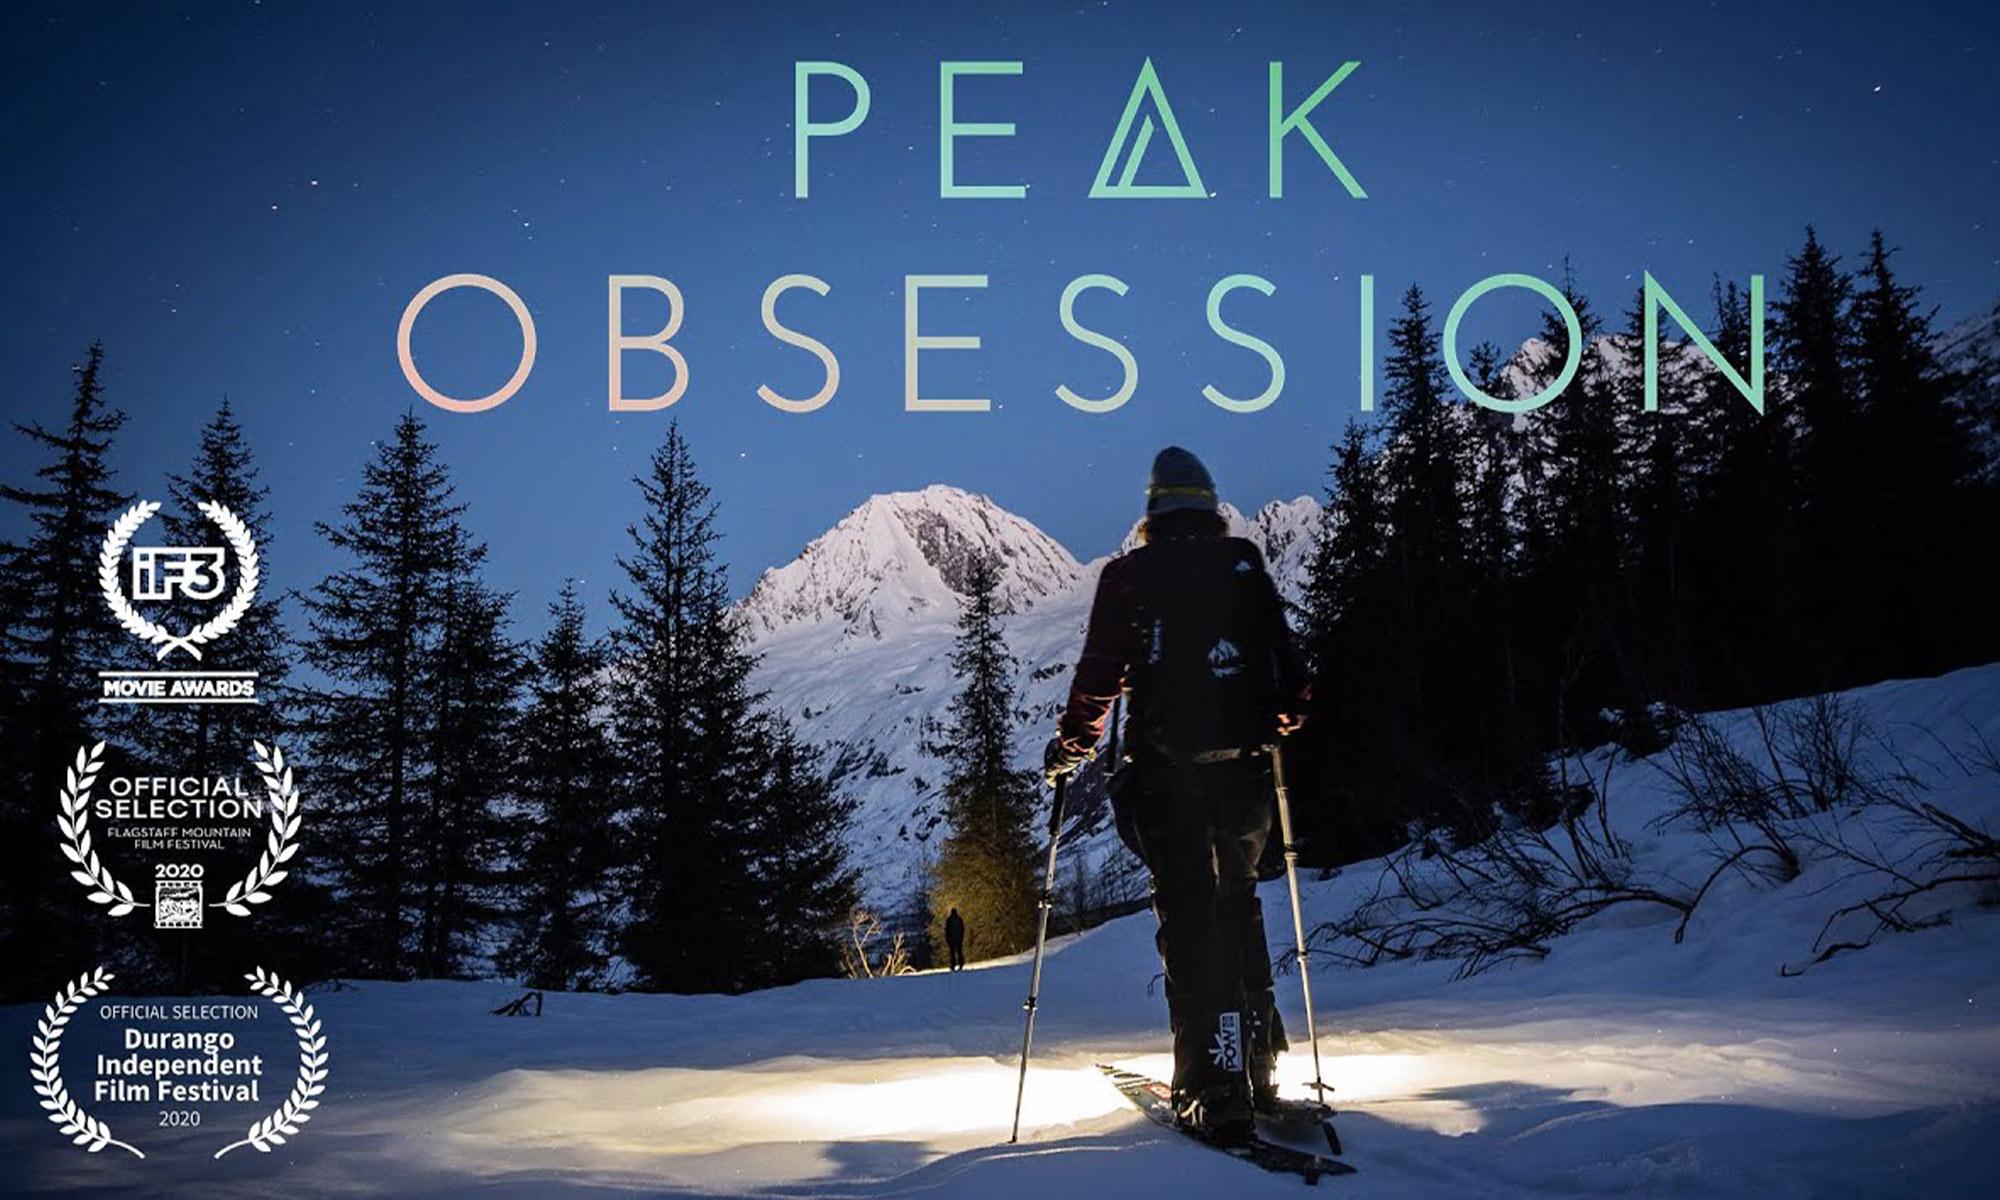 Peak Obsession